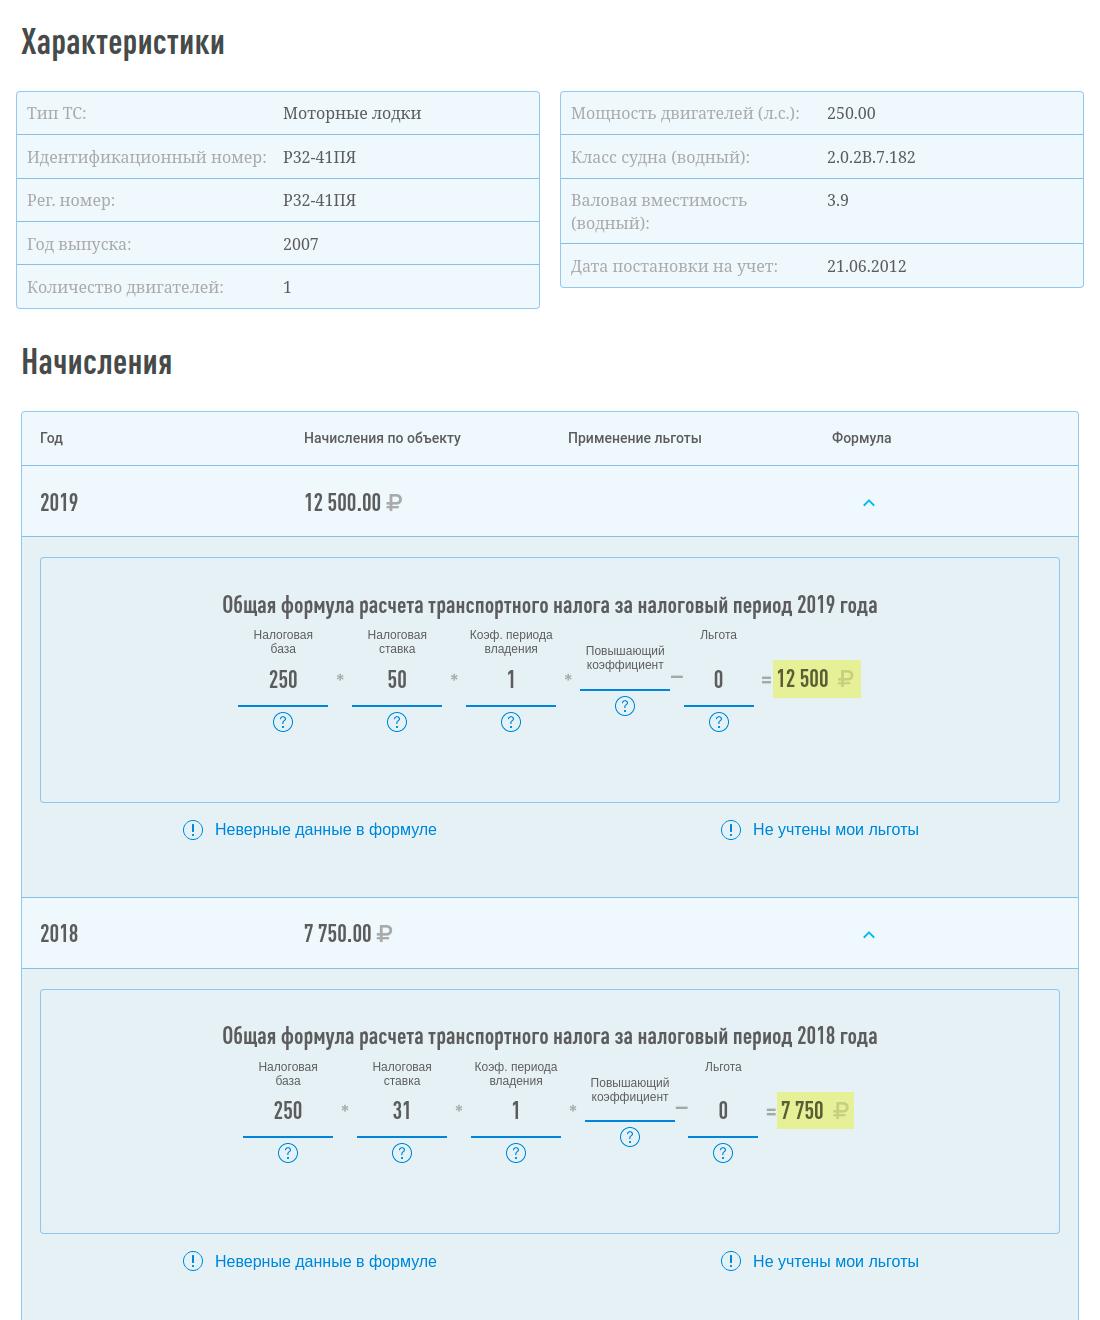 Налоговая ставка на маломерные судна увеличилась: если в 2018&nbsp;году за катер мощностью 250&nbsp;лошадиных сил мы заплатили 7750<span class=ruble>Р</span>, то в 2019&nbsp;году — уже 12 500<span class=ruble>Р</span>